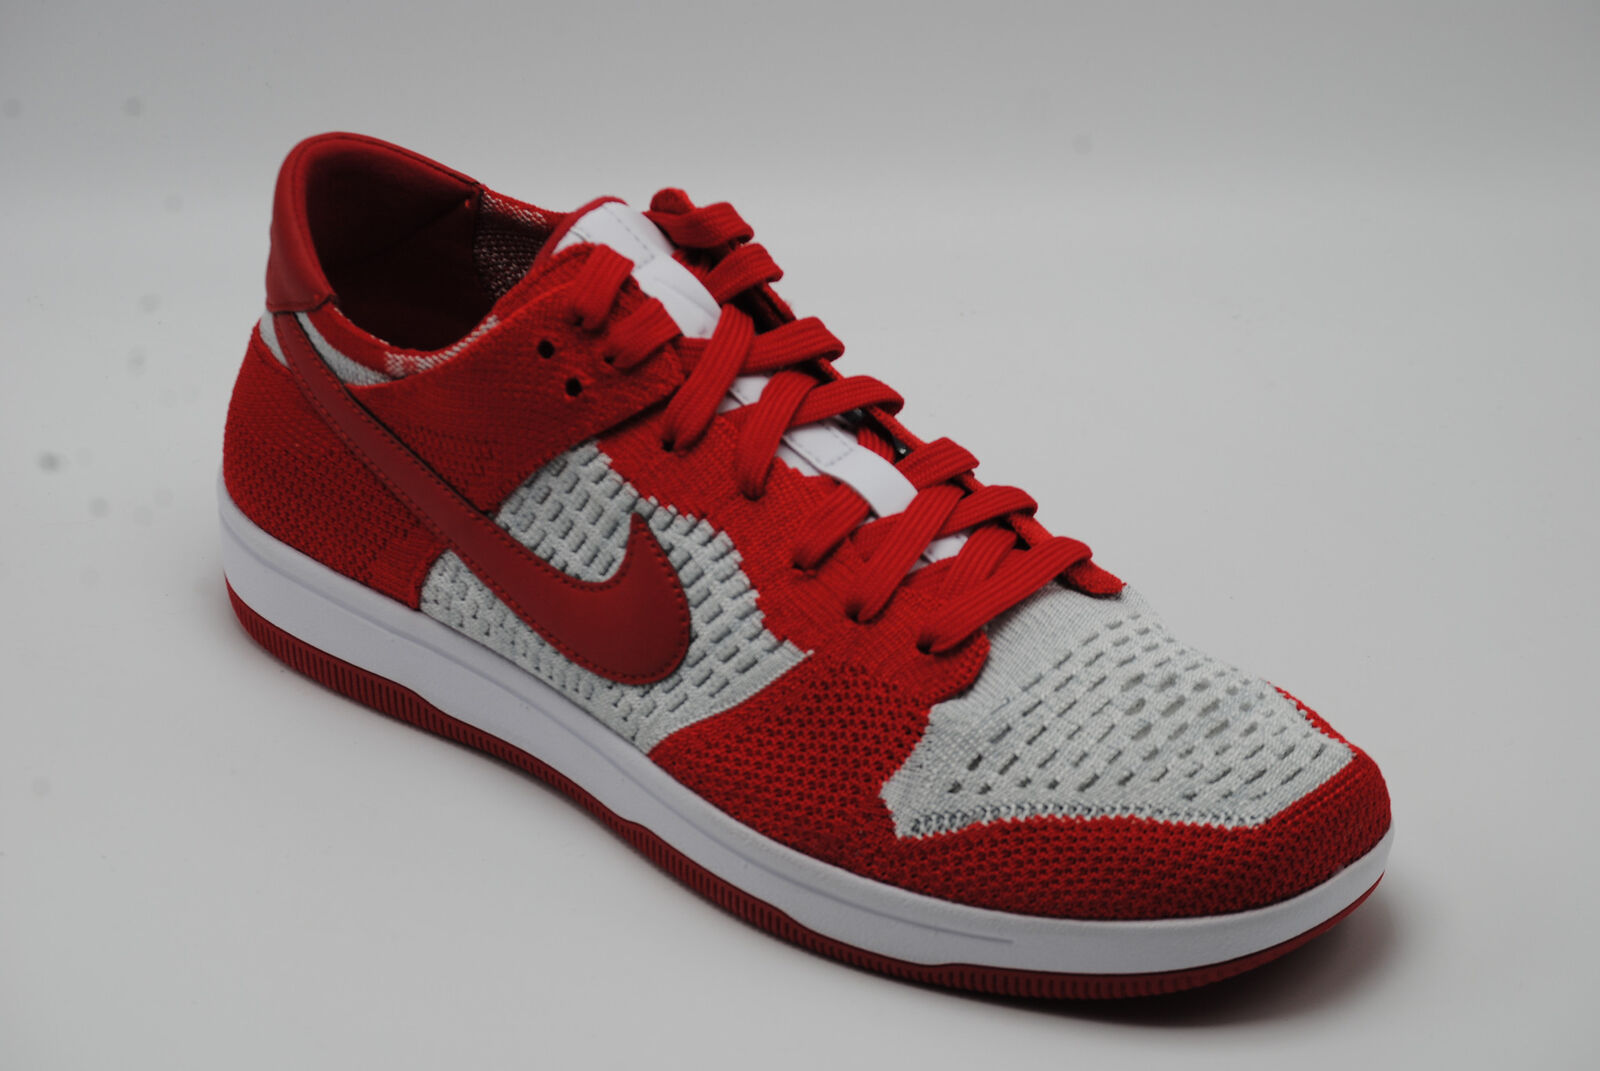 Nike dunk flyknit verschiedenen männer turnschuhe 917746 600 verschiedenen flyknit größen a7b54a